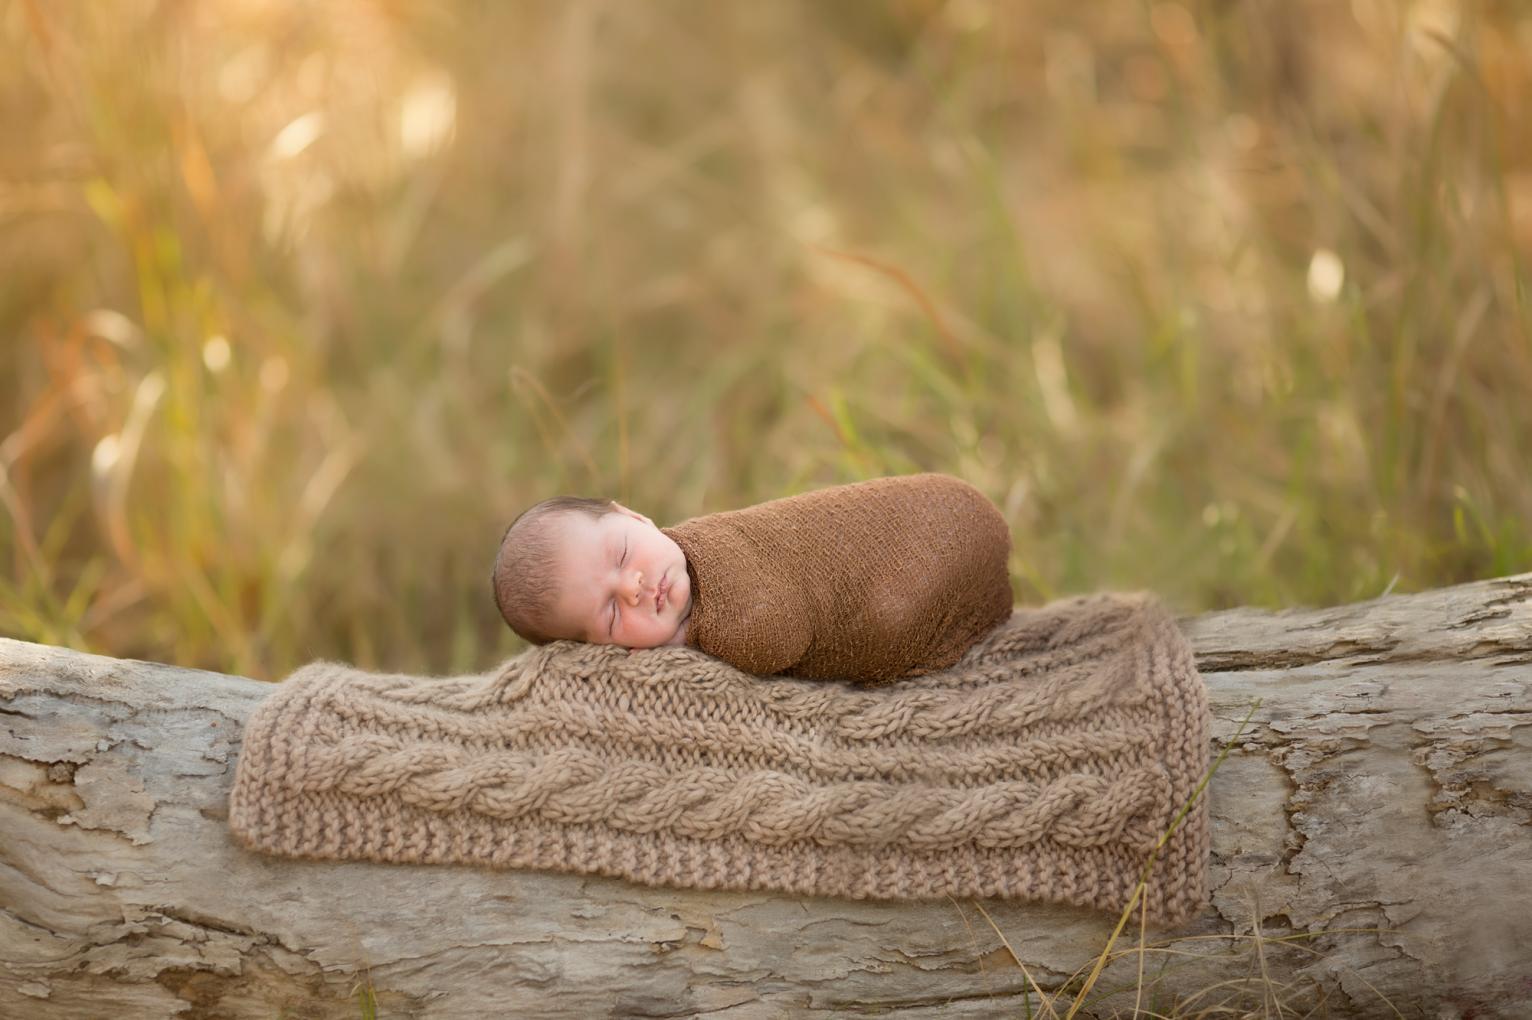 newbornphotosbrisbane10(pp_w1532_h1020)